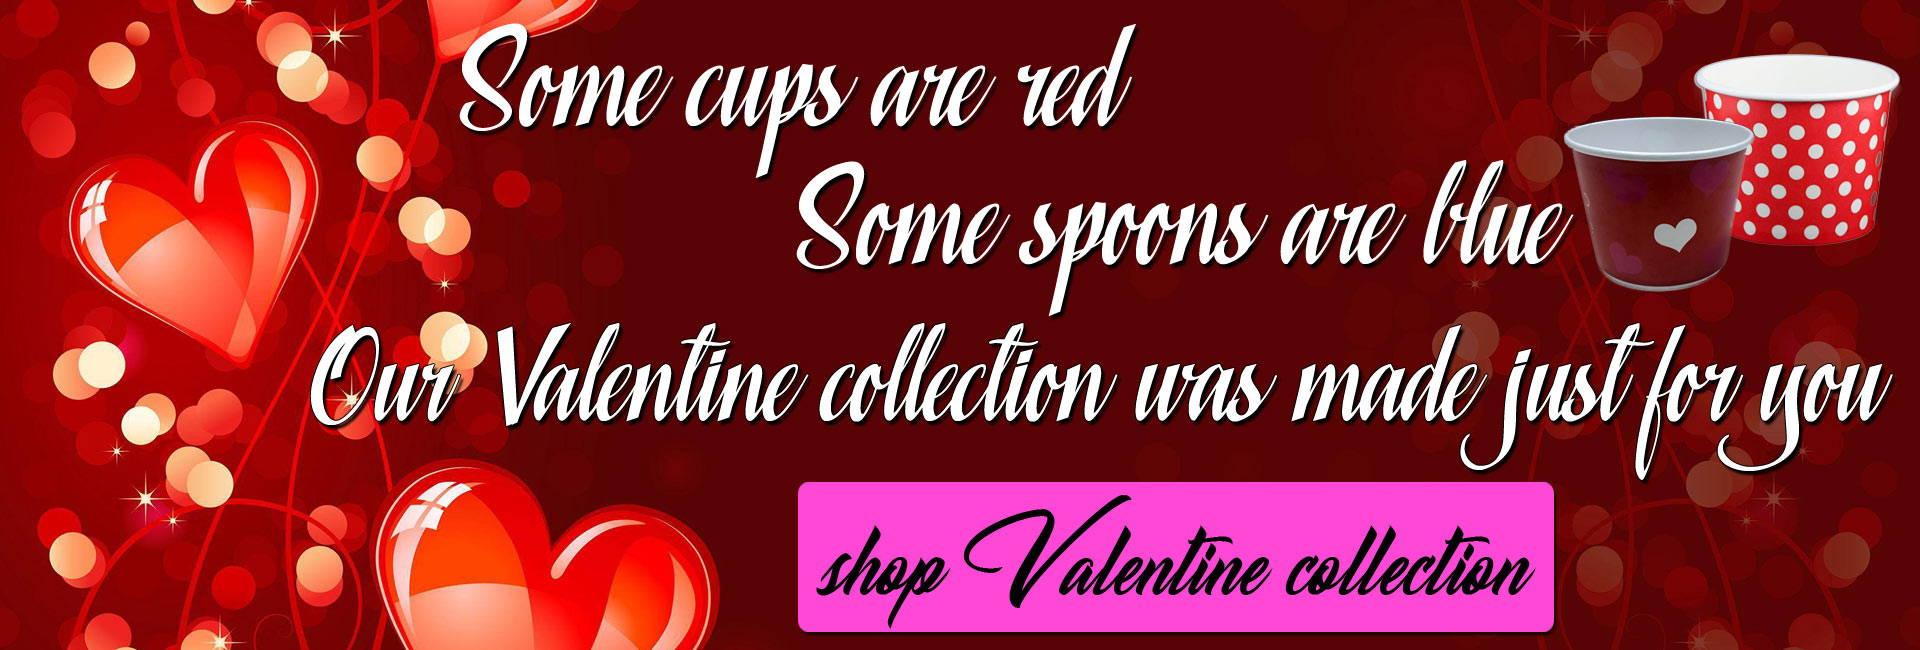 valentines day frozen dessert supplies